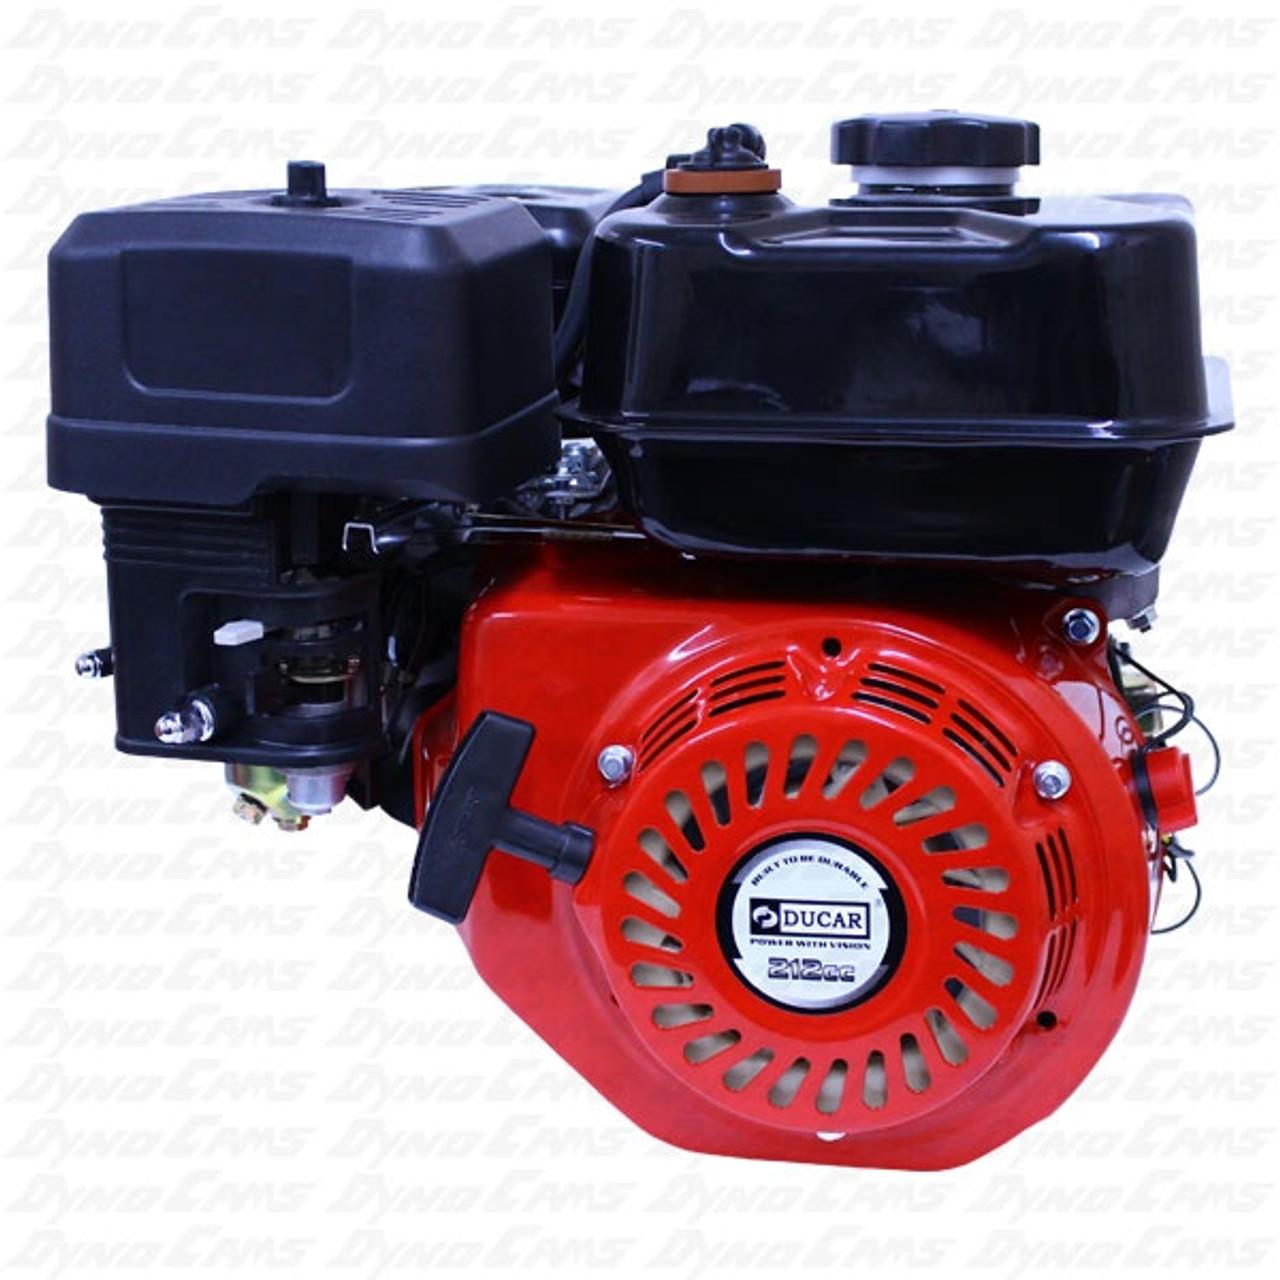 Ducar 212CC OHV Engine